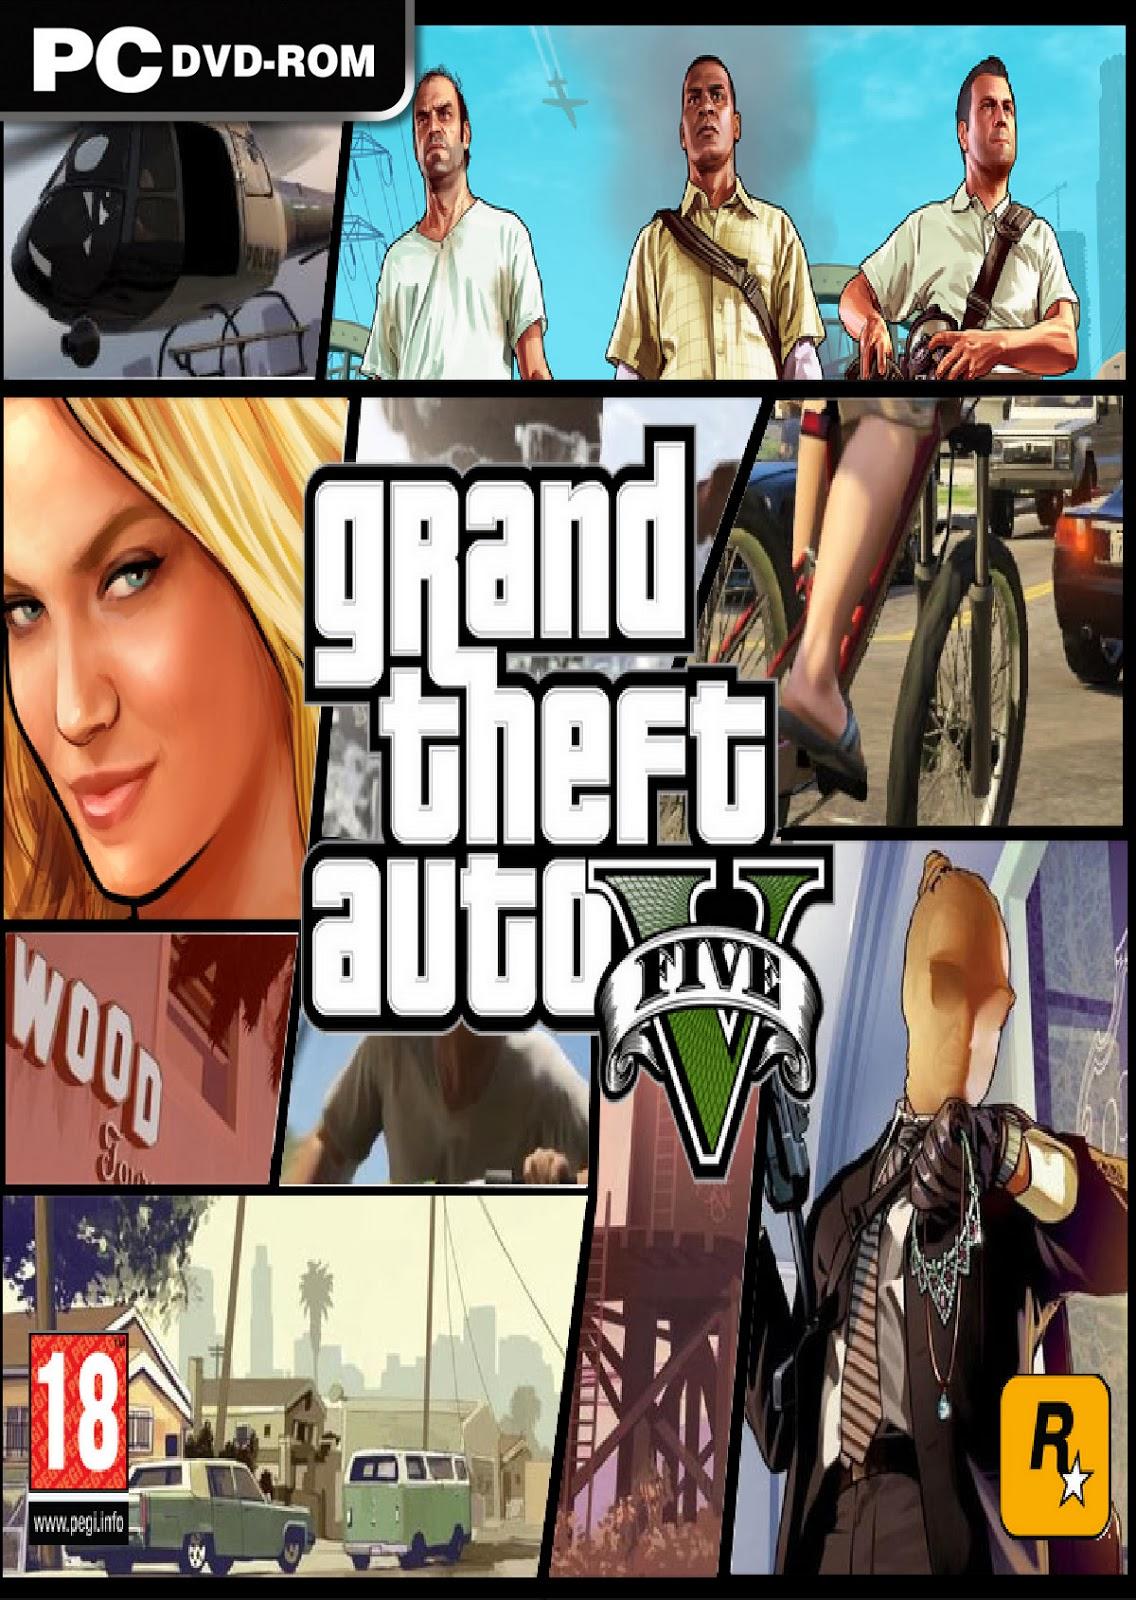 7 mai 2018 ... Grand Theft Auto 5 Télécharger pour PC est disponible et en ligne à partir des  liens sur cette page. Assurez-vous que vous avez assez...